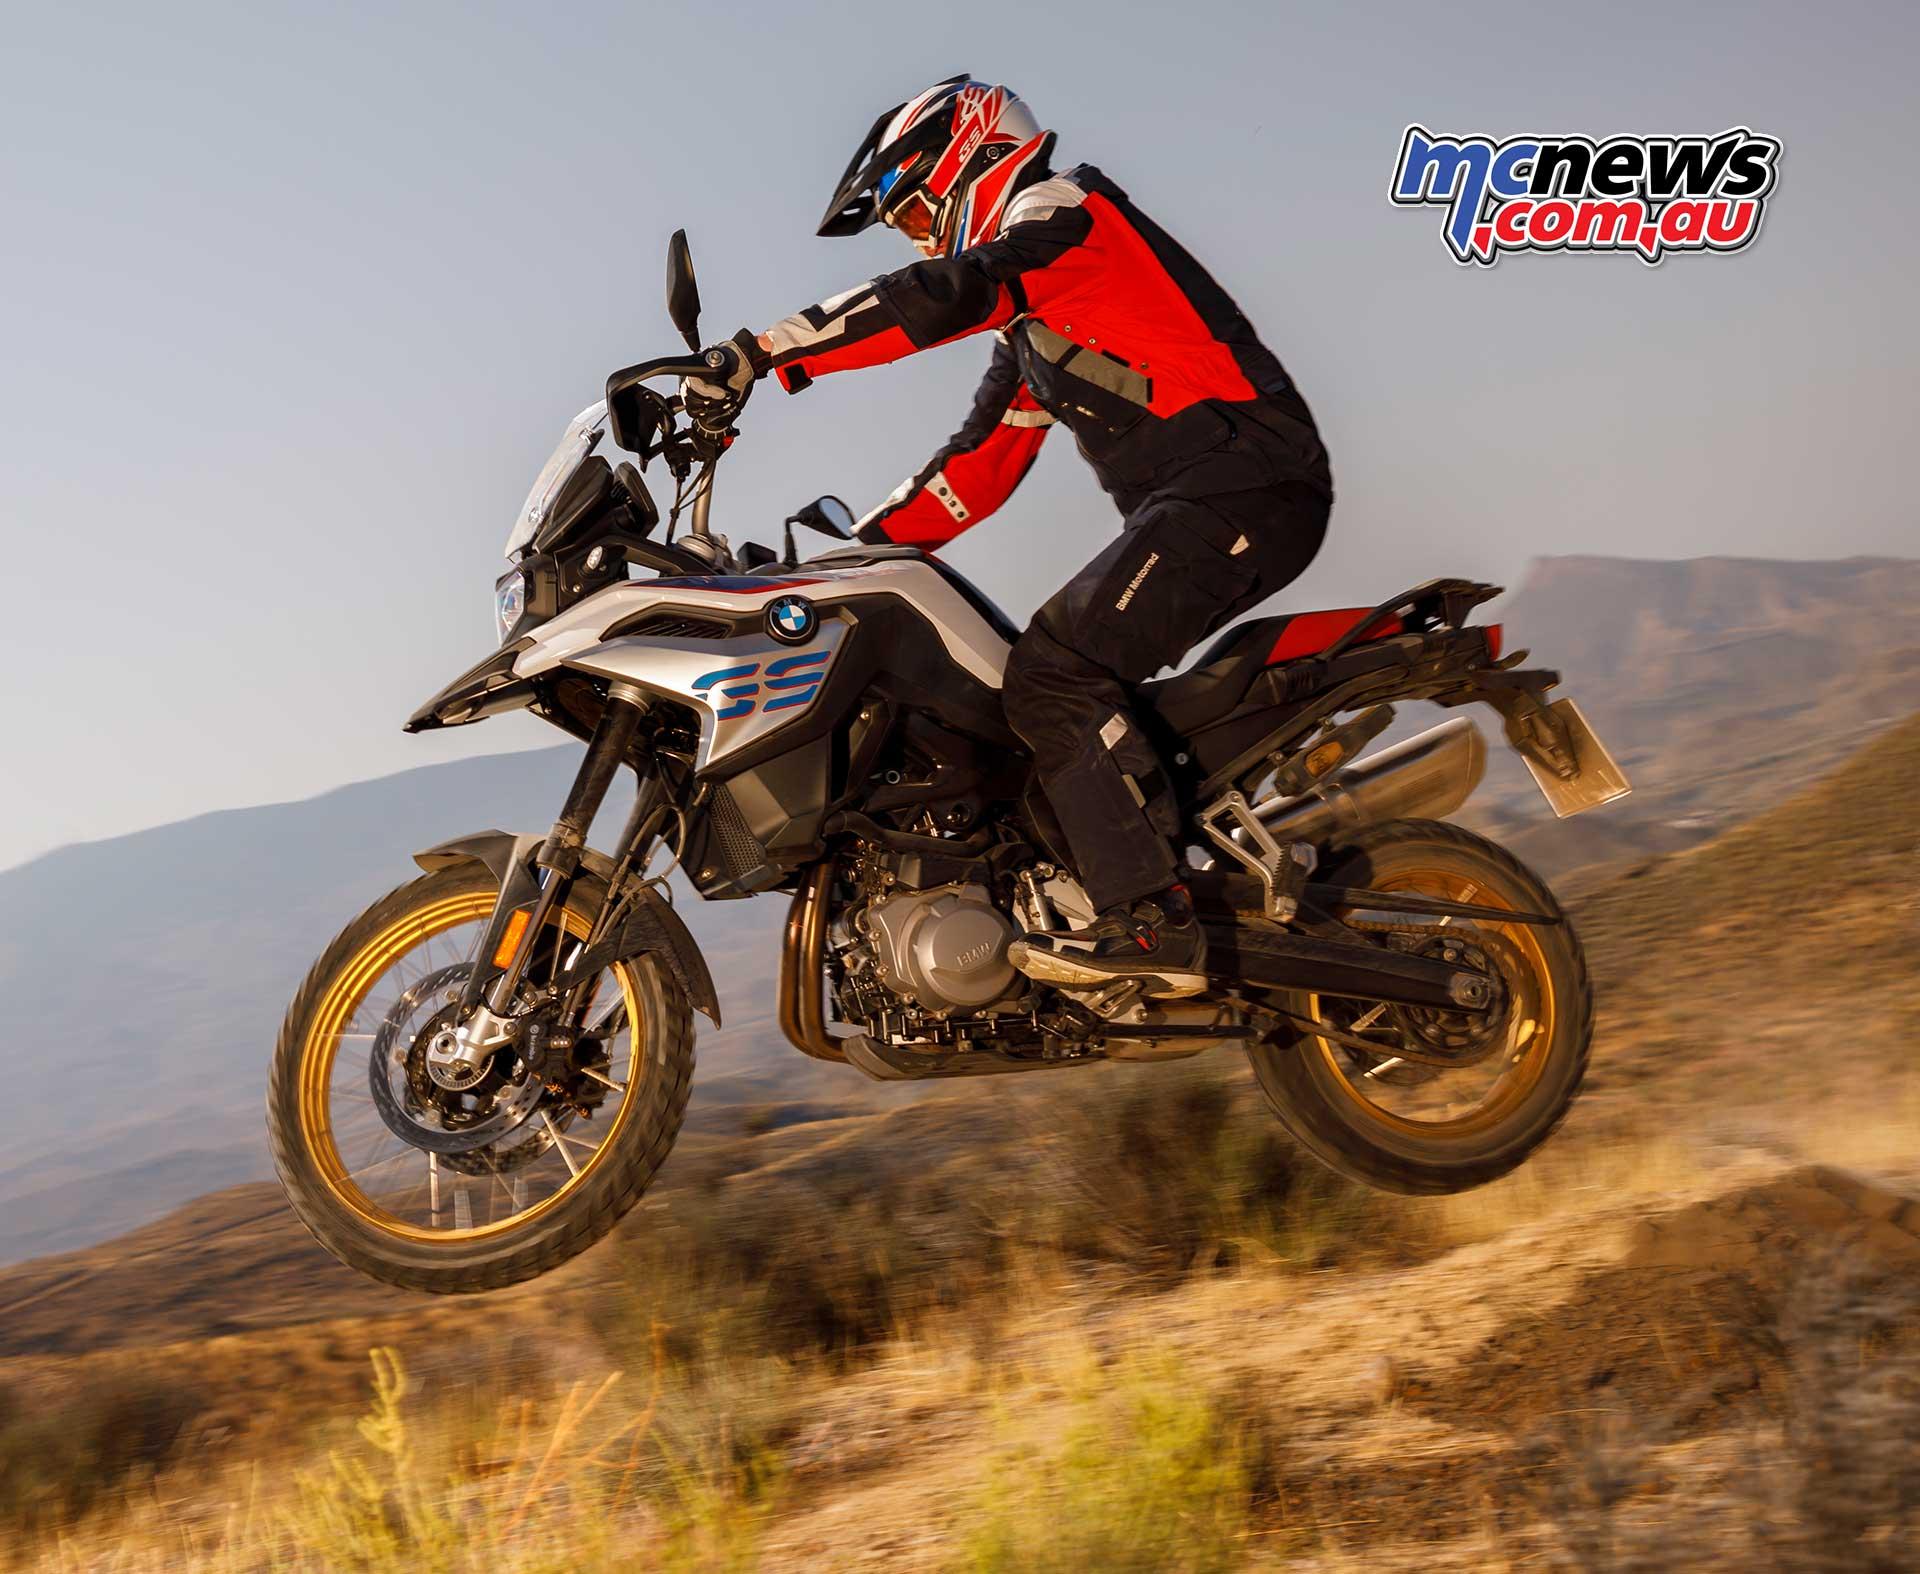 Bmw F 750 Gs And F 850 Gs Pricing Options Mcnews Com Au